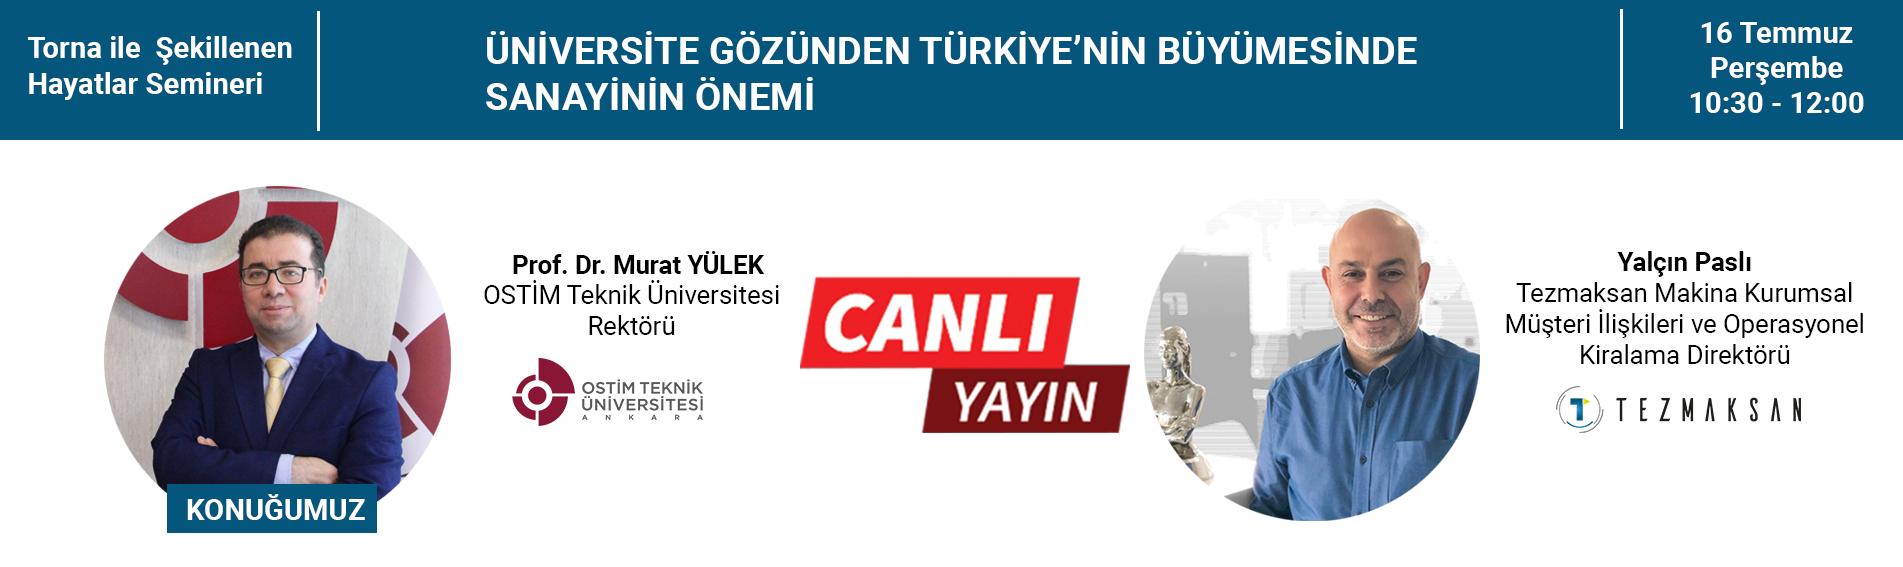 Üniversite Gözünden Türkiyenin Büyümesinde Sanayinin Önemi 16 Temmuz